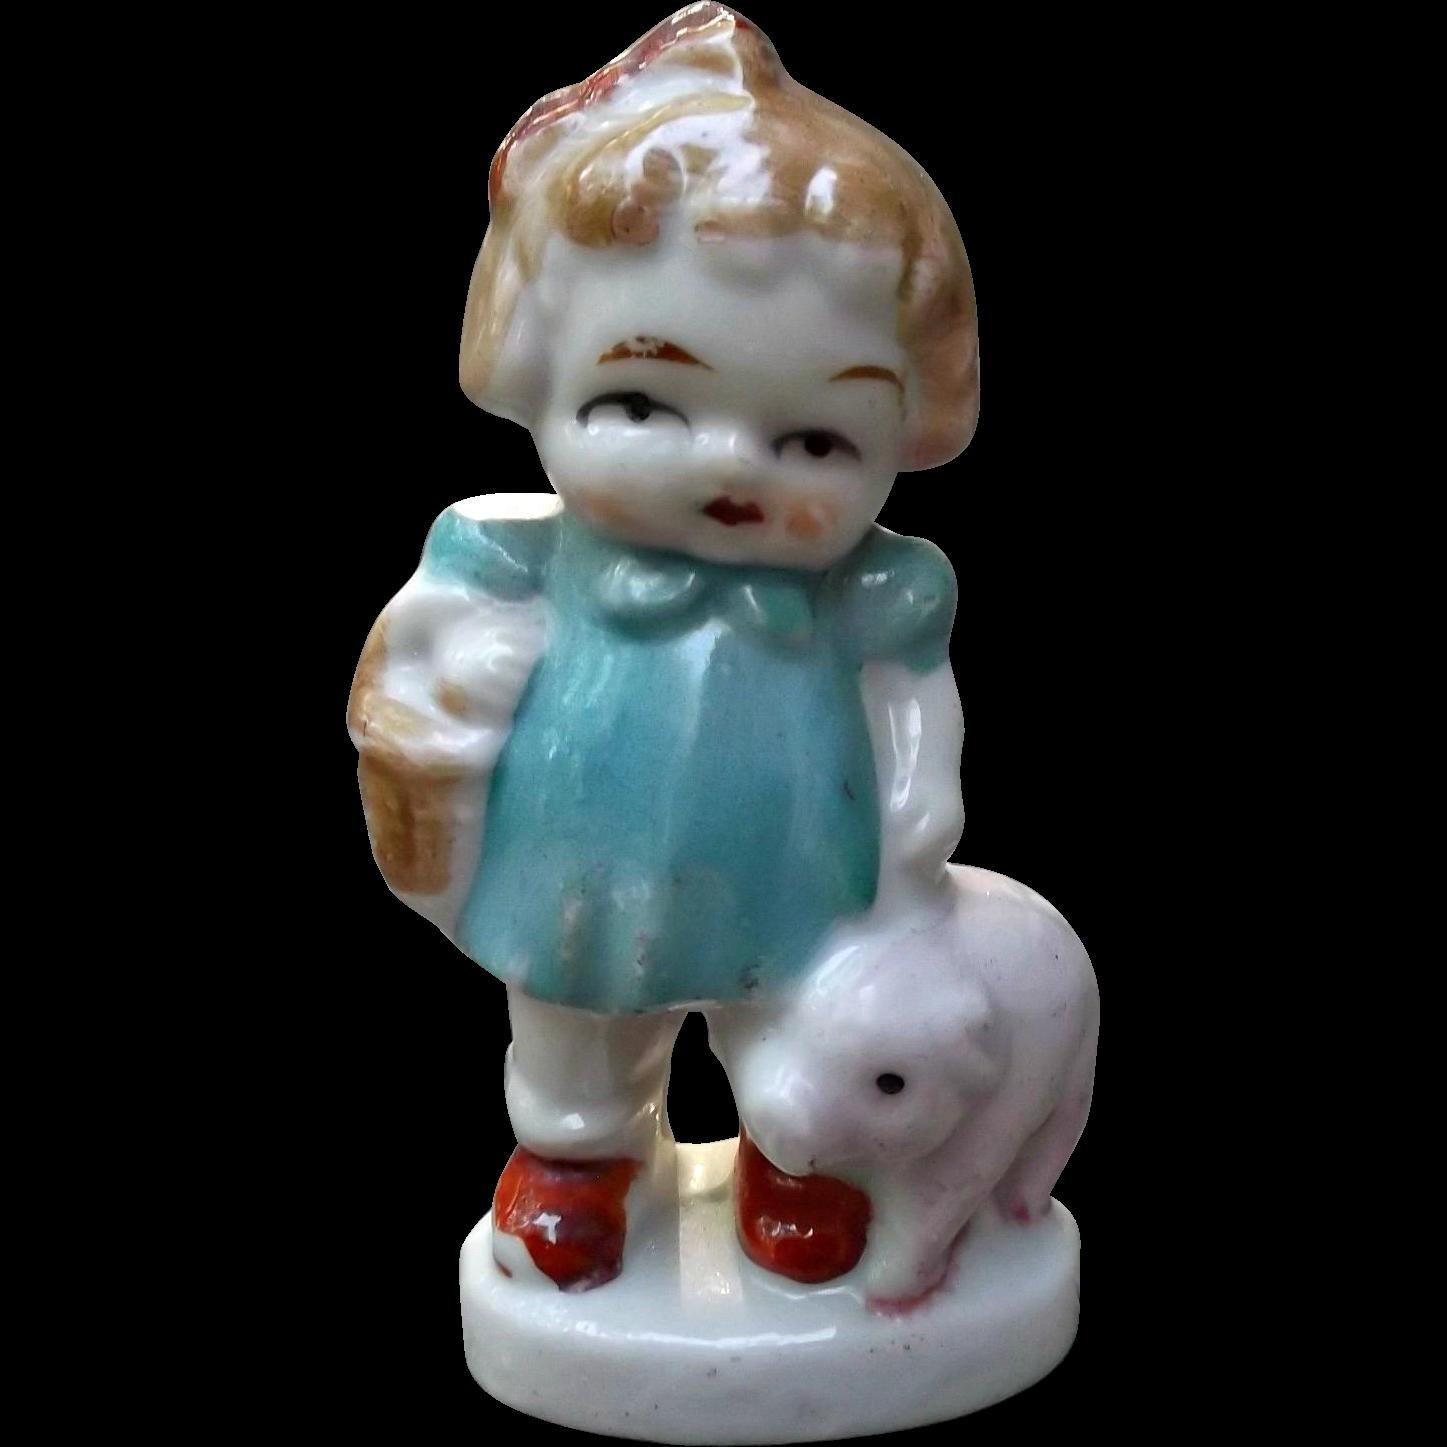 Vintage Bisque Figurine 11